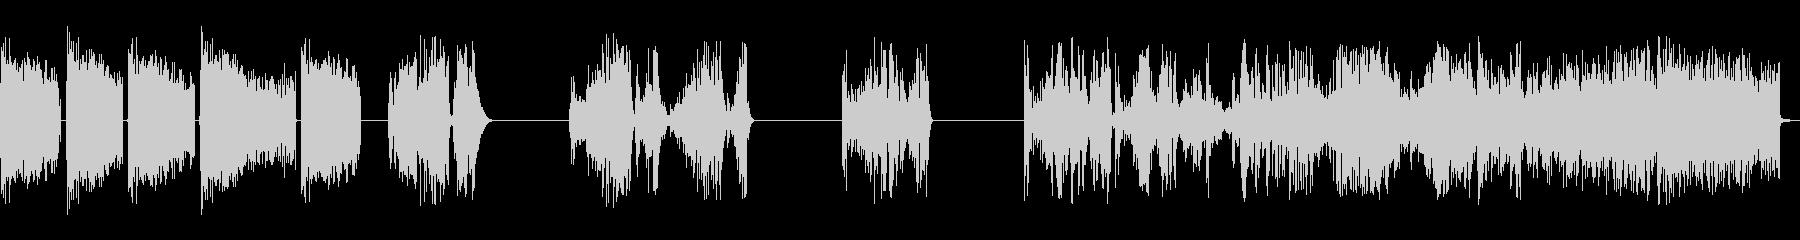 ホイッピング静的スワイプ5の未再生の波形